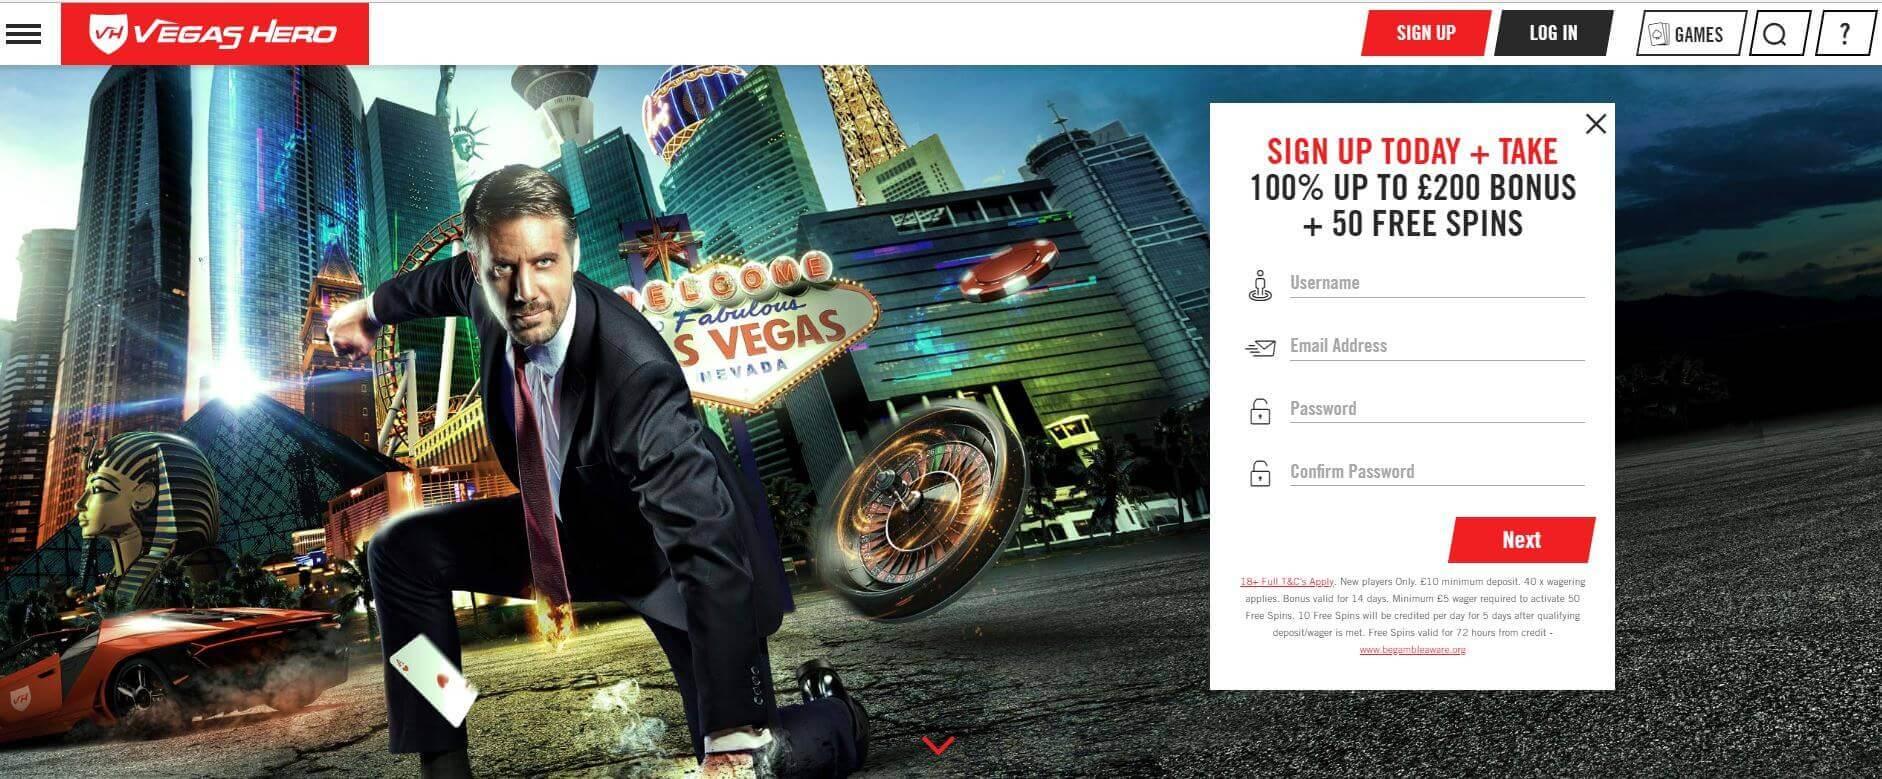 Vegas Hero Review